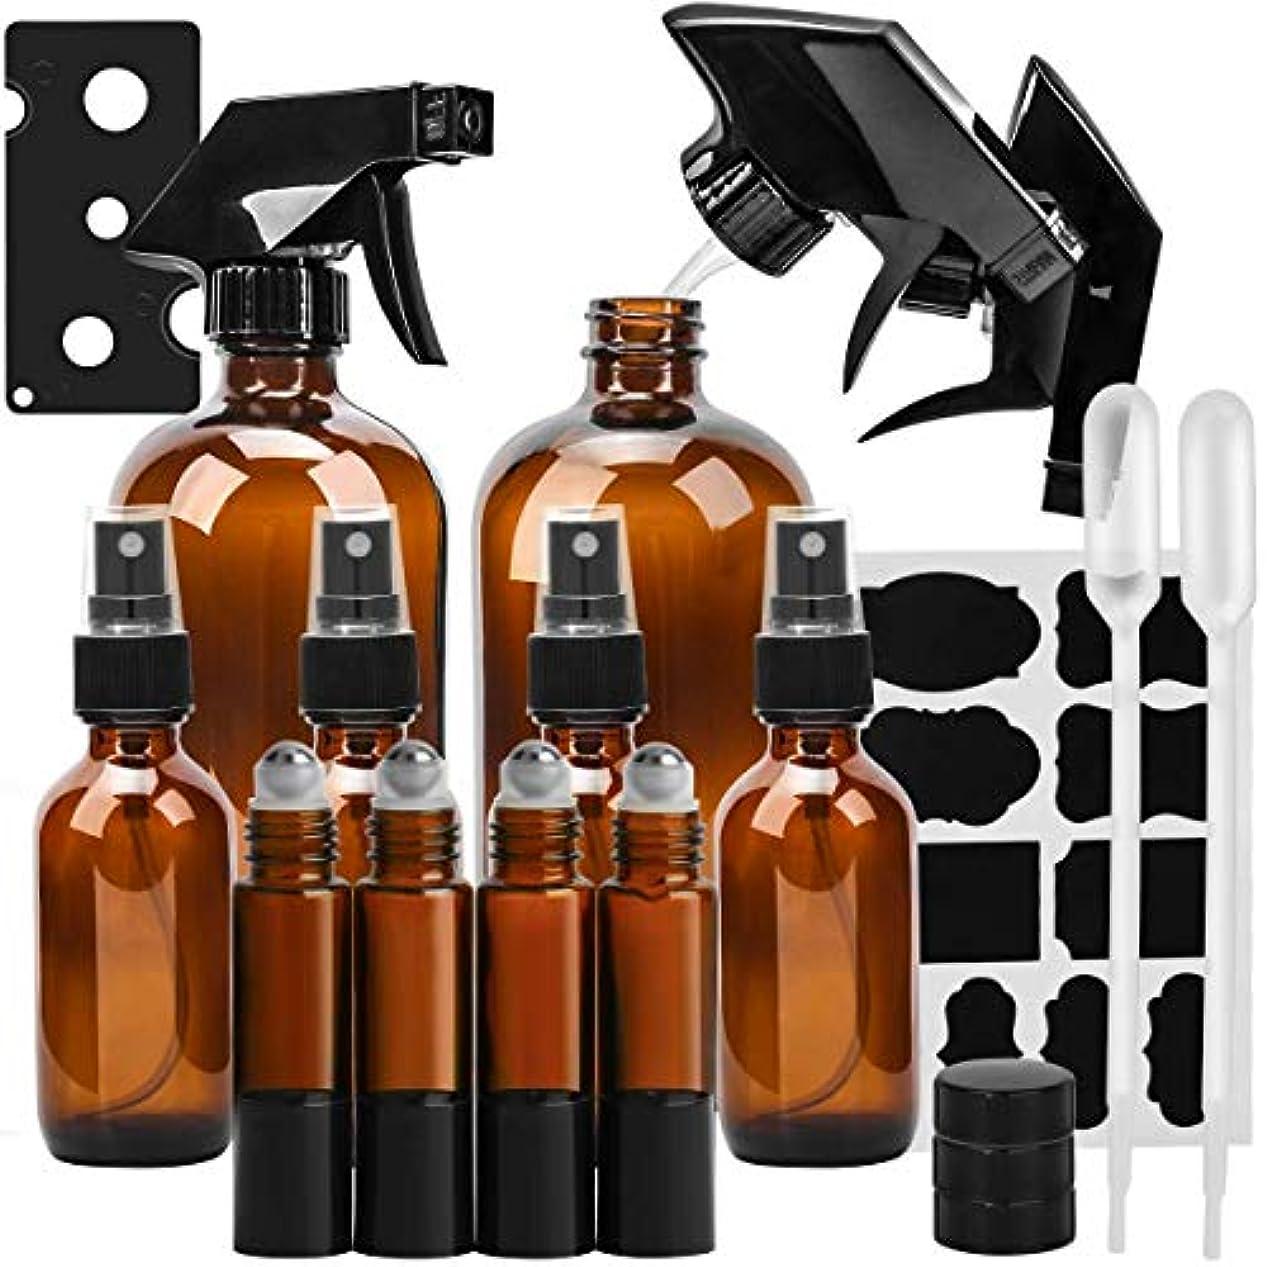 羽雇用者追放するKAMOTA 16オンス×2 2オンス×4 10ミリリットルローラーボトル×4 - 製品やアロマテラピーを清掃エッセンシャルオイル 用 詰め替え容器 セットガラススプレーボトルアンバーガラススプレーボトル アンバー-2